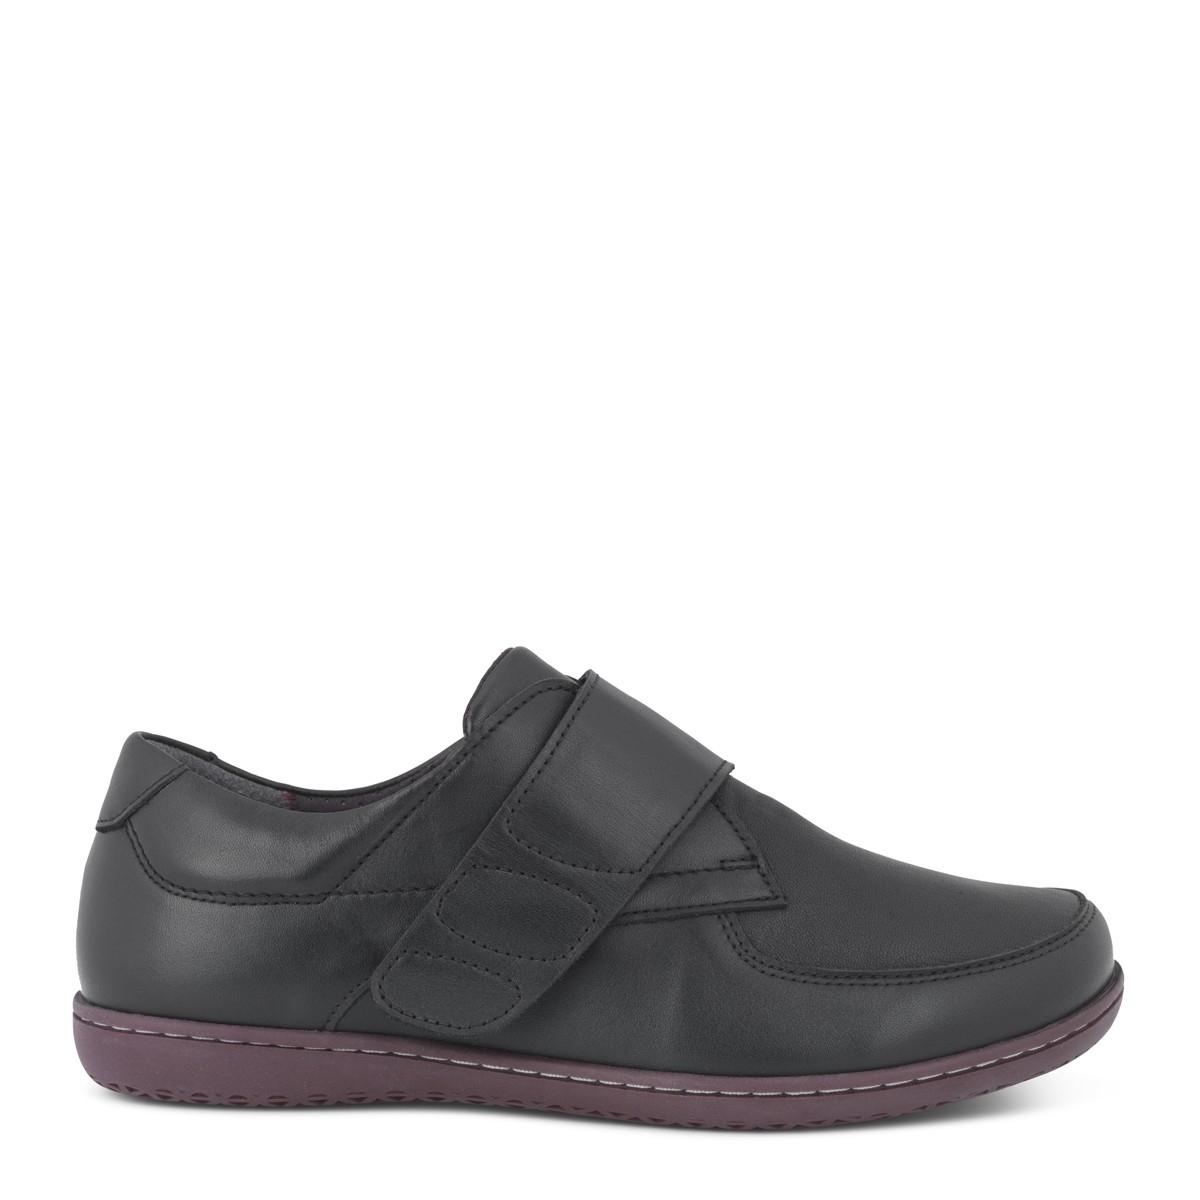 New Feet damesko i strækskind med bred velcrolukning